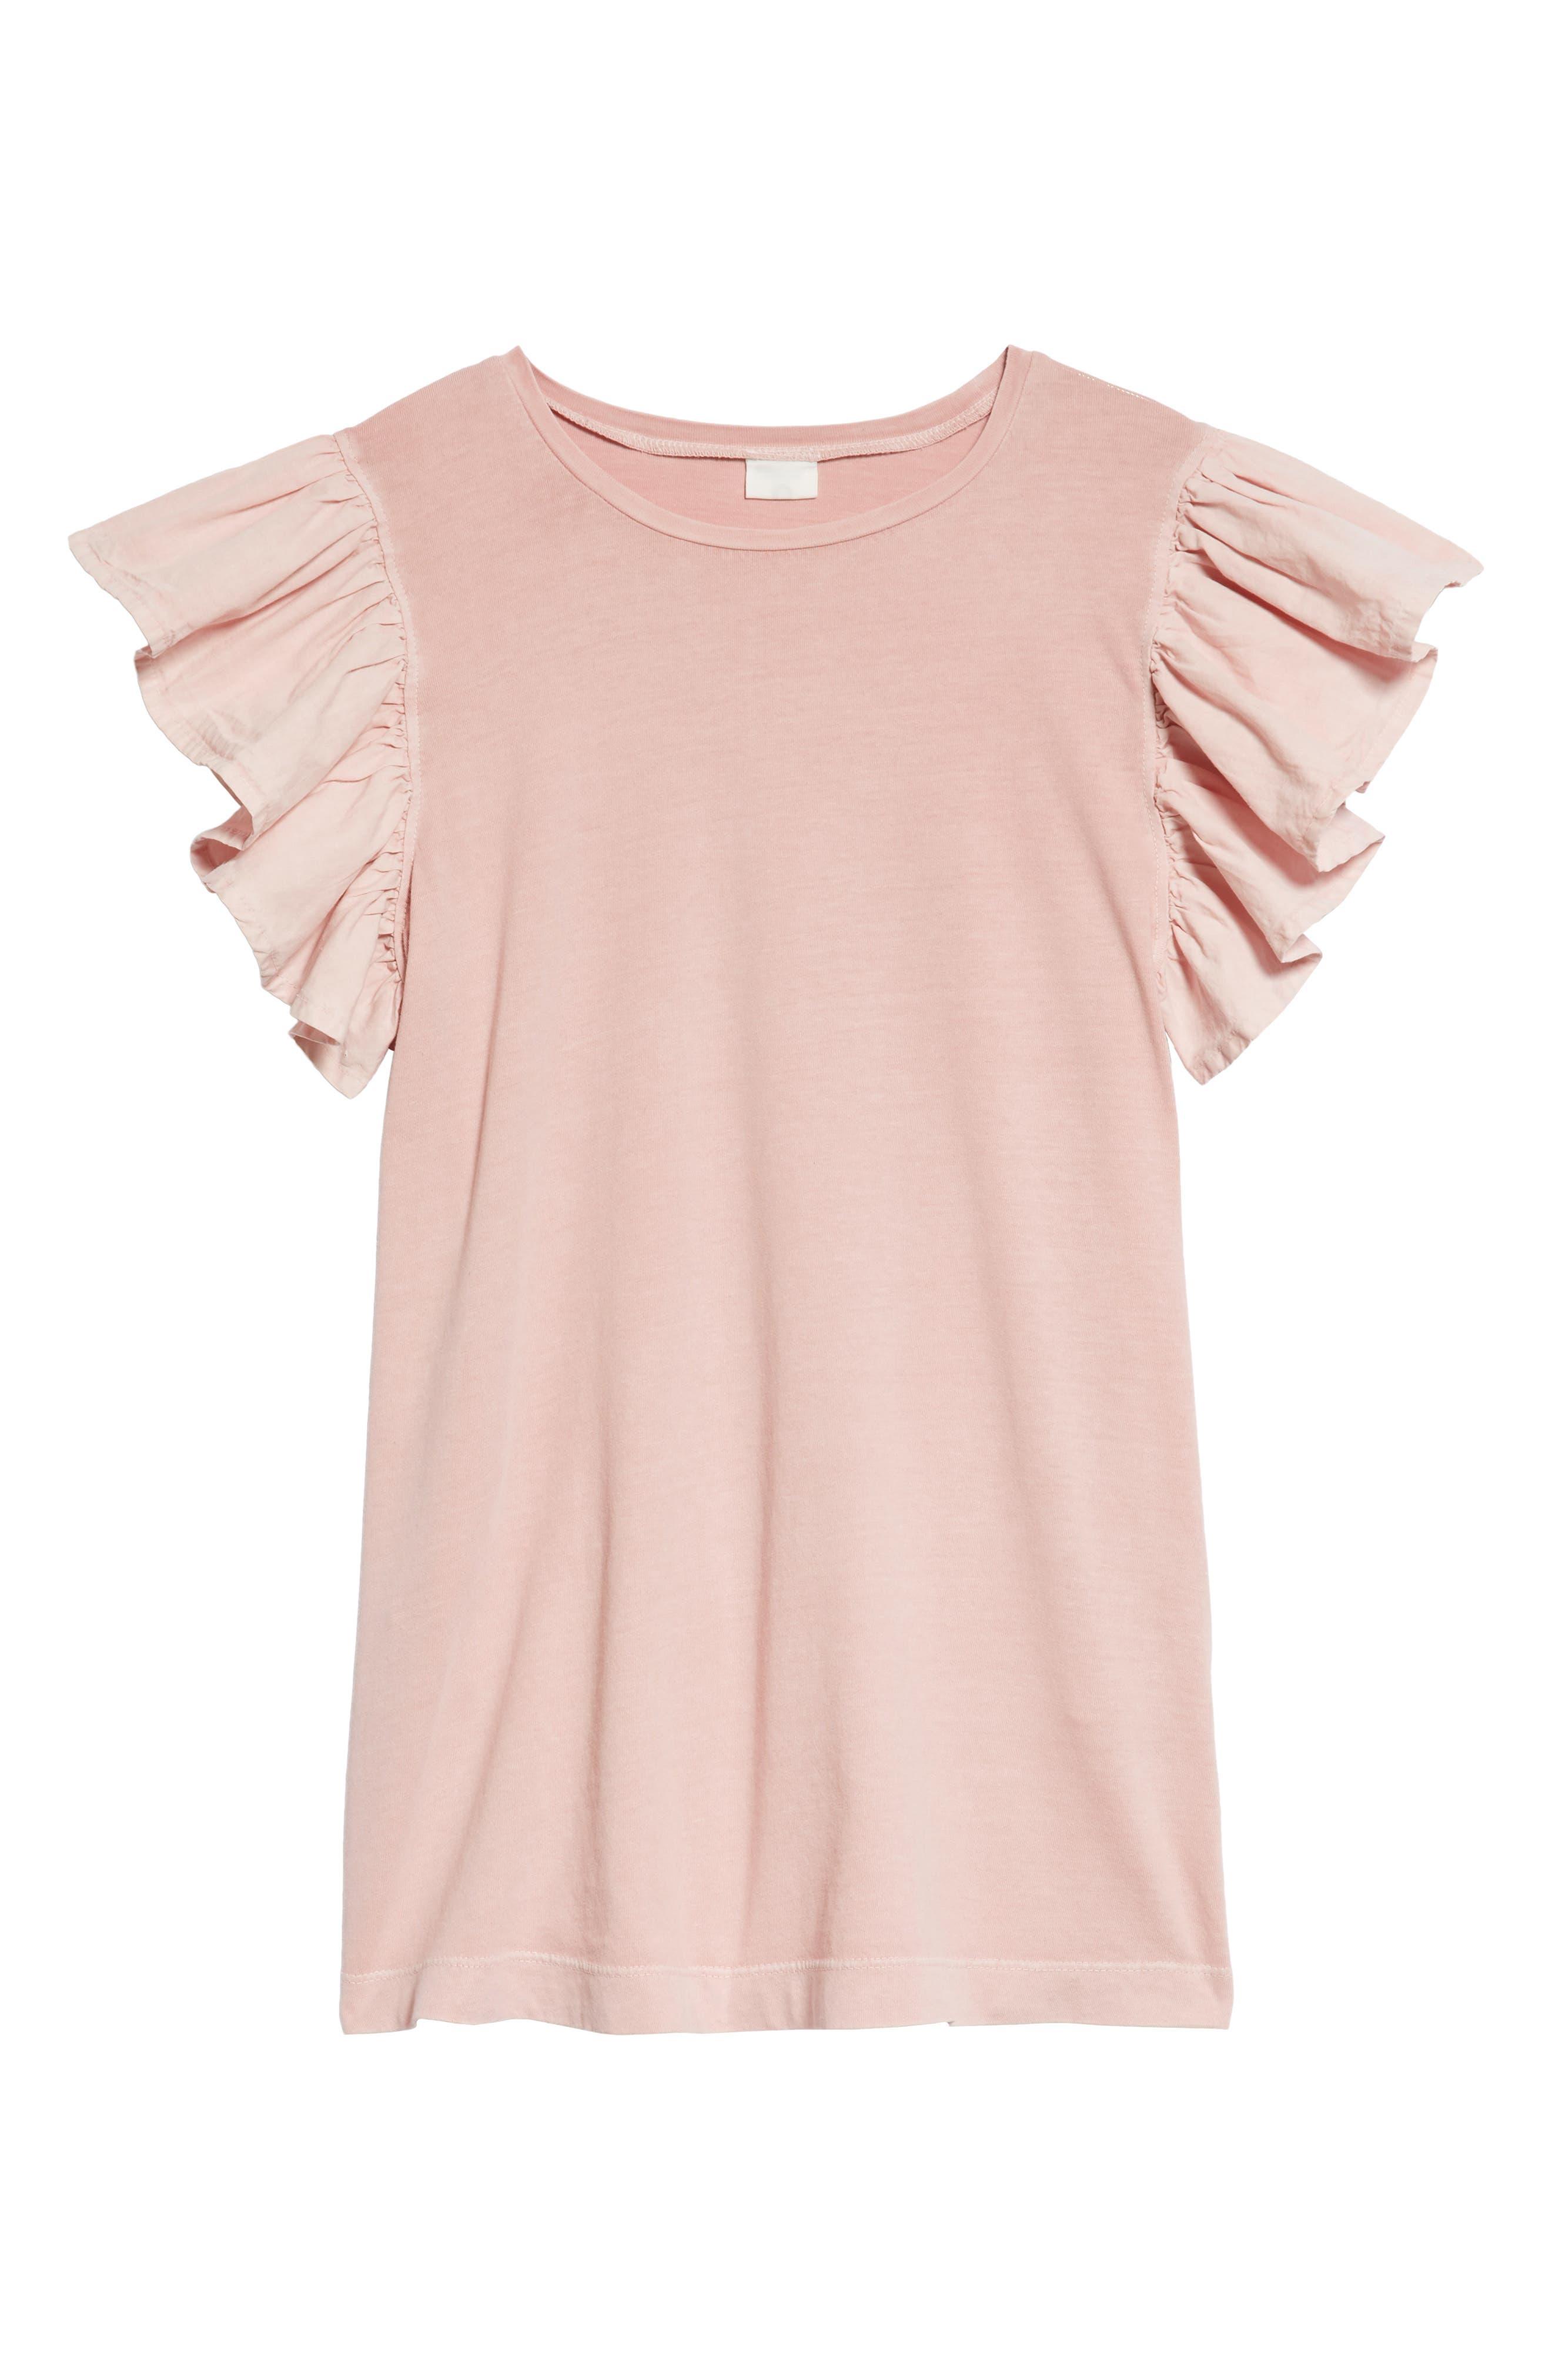 Alternate Image 1 Selected - Stem Ruffle Sleeve Dress (Toddler Girls, Little Girls & Big Girls)